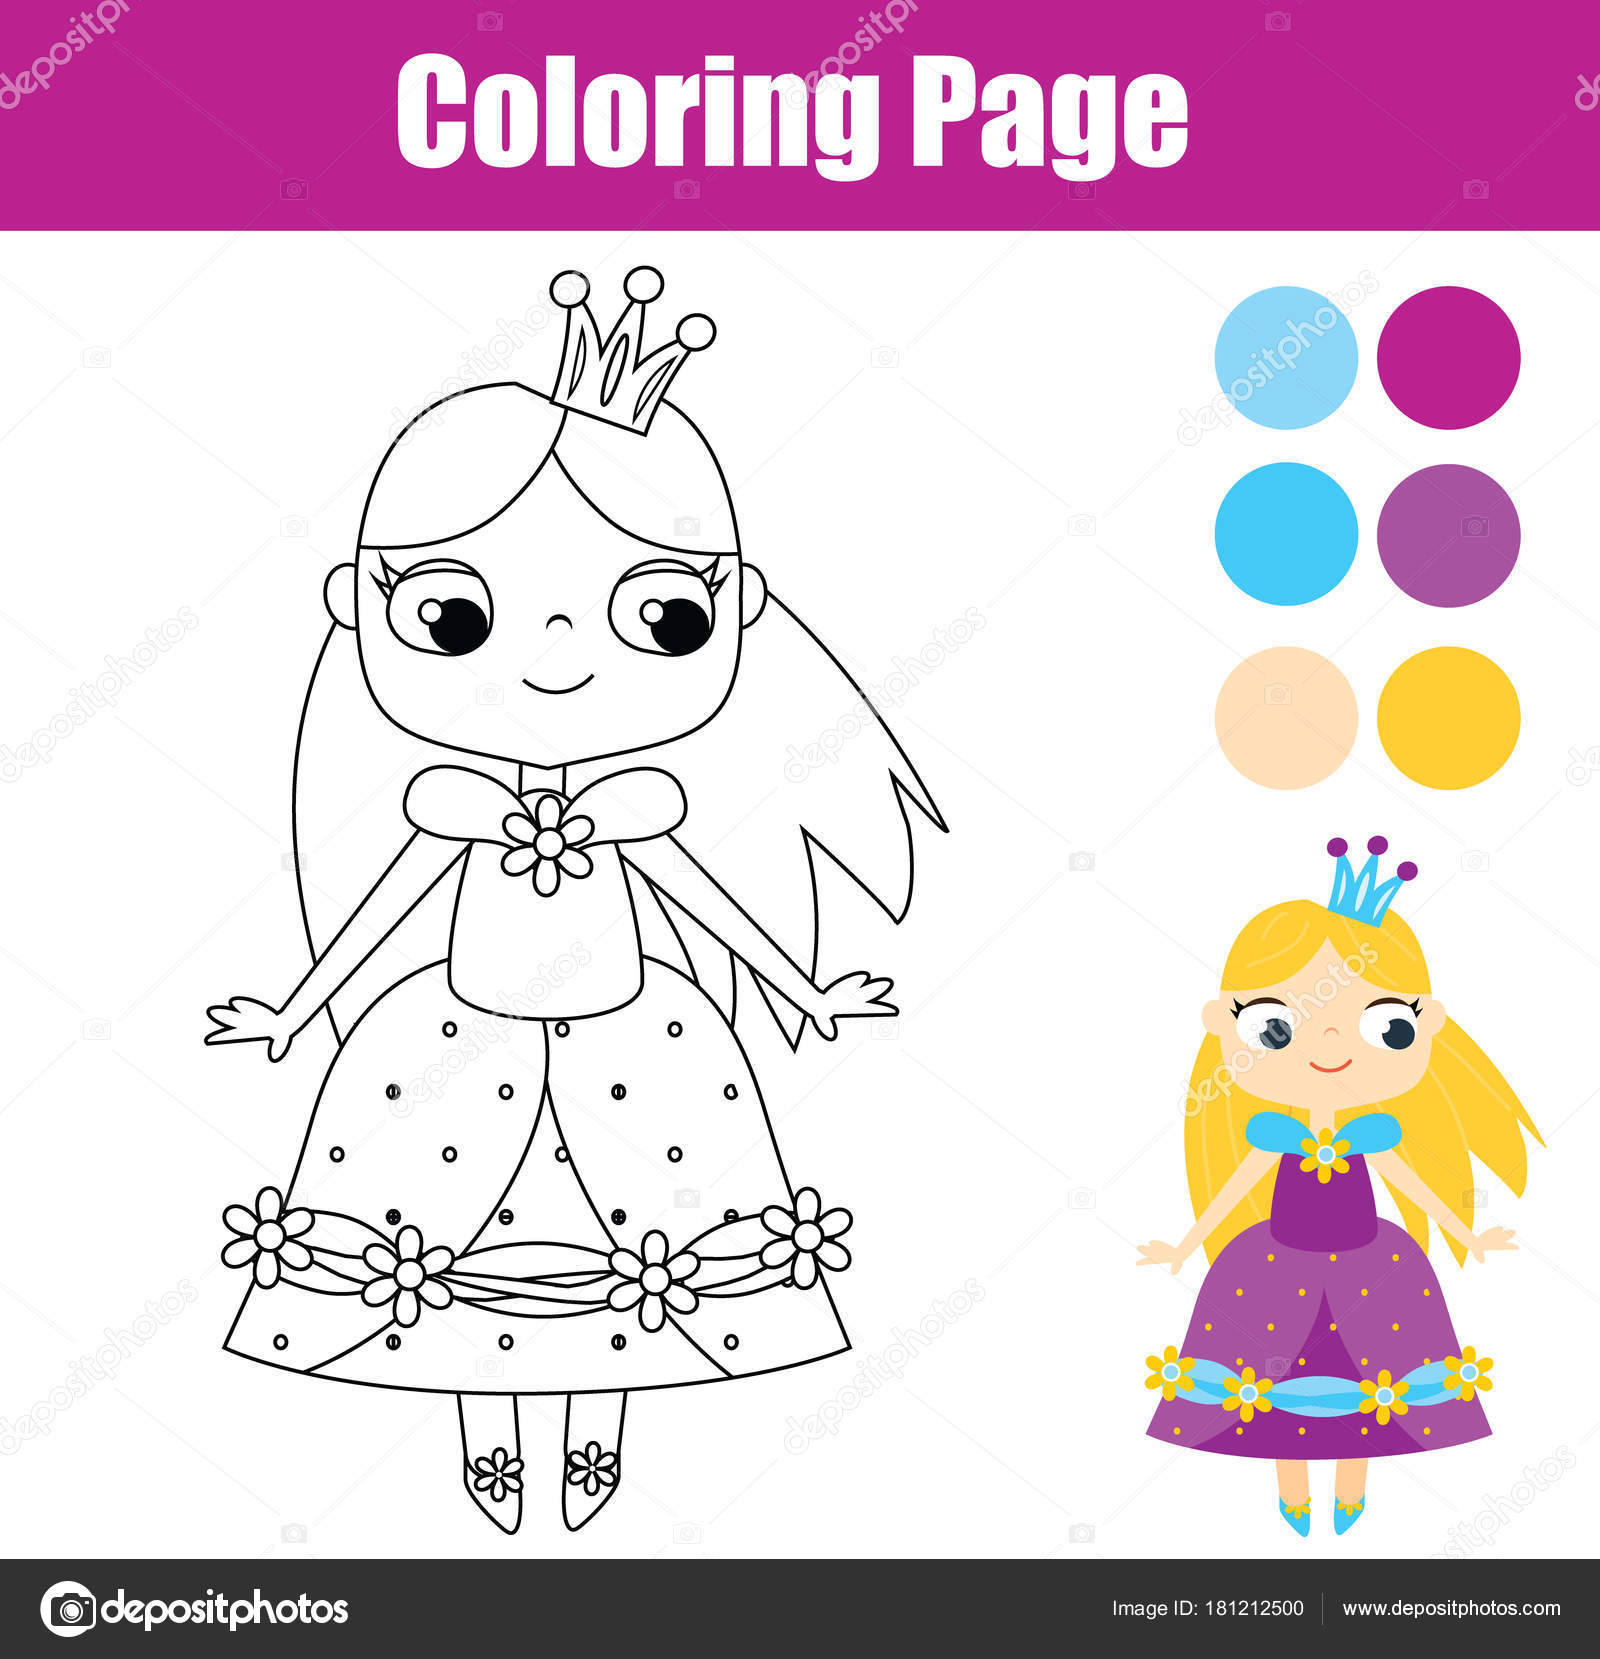 Muñecos Para Colorear Princesas Juego Educativo Los Niños Página